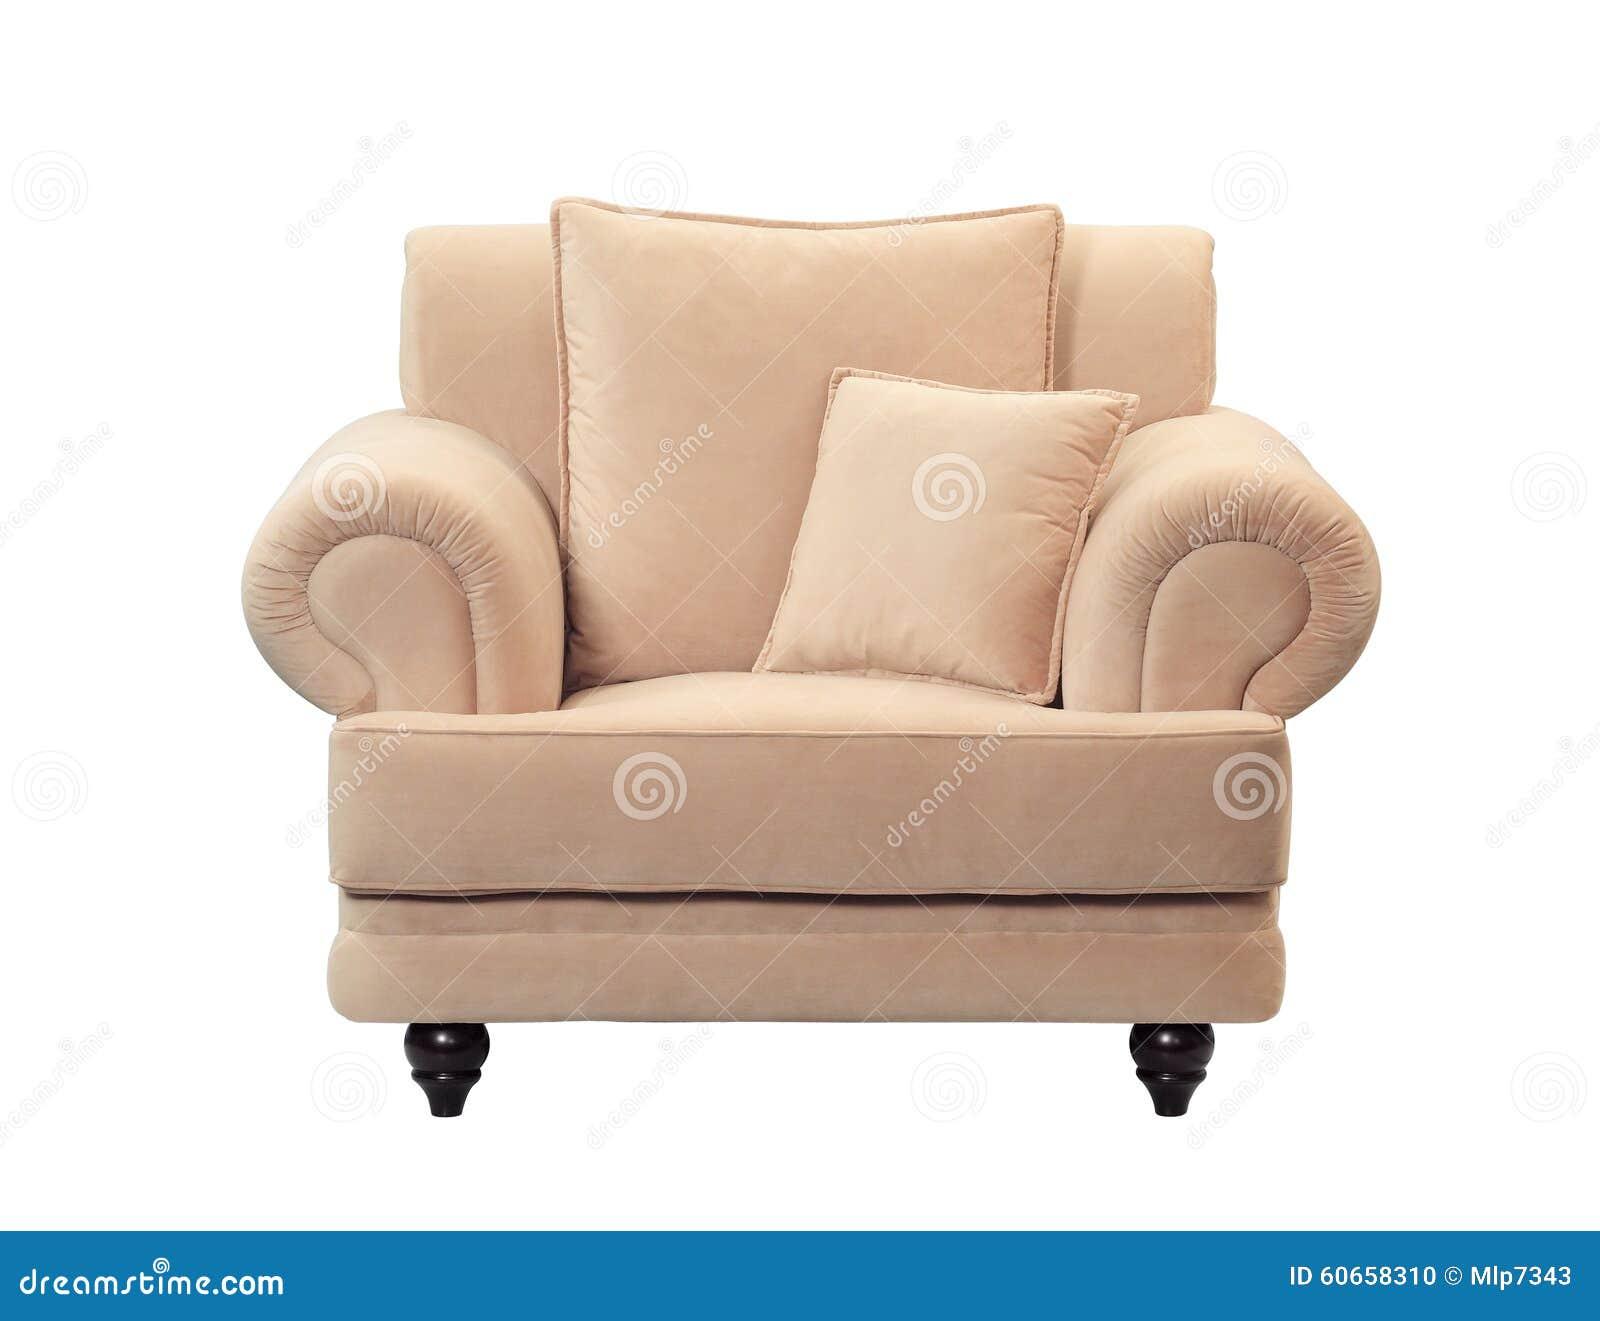 modernes sofa stockfoto bild von elegant beil ufig 60658310. Black Bedroom Furniture Sets. Home Design Ideas